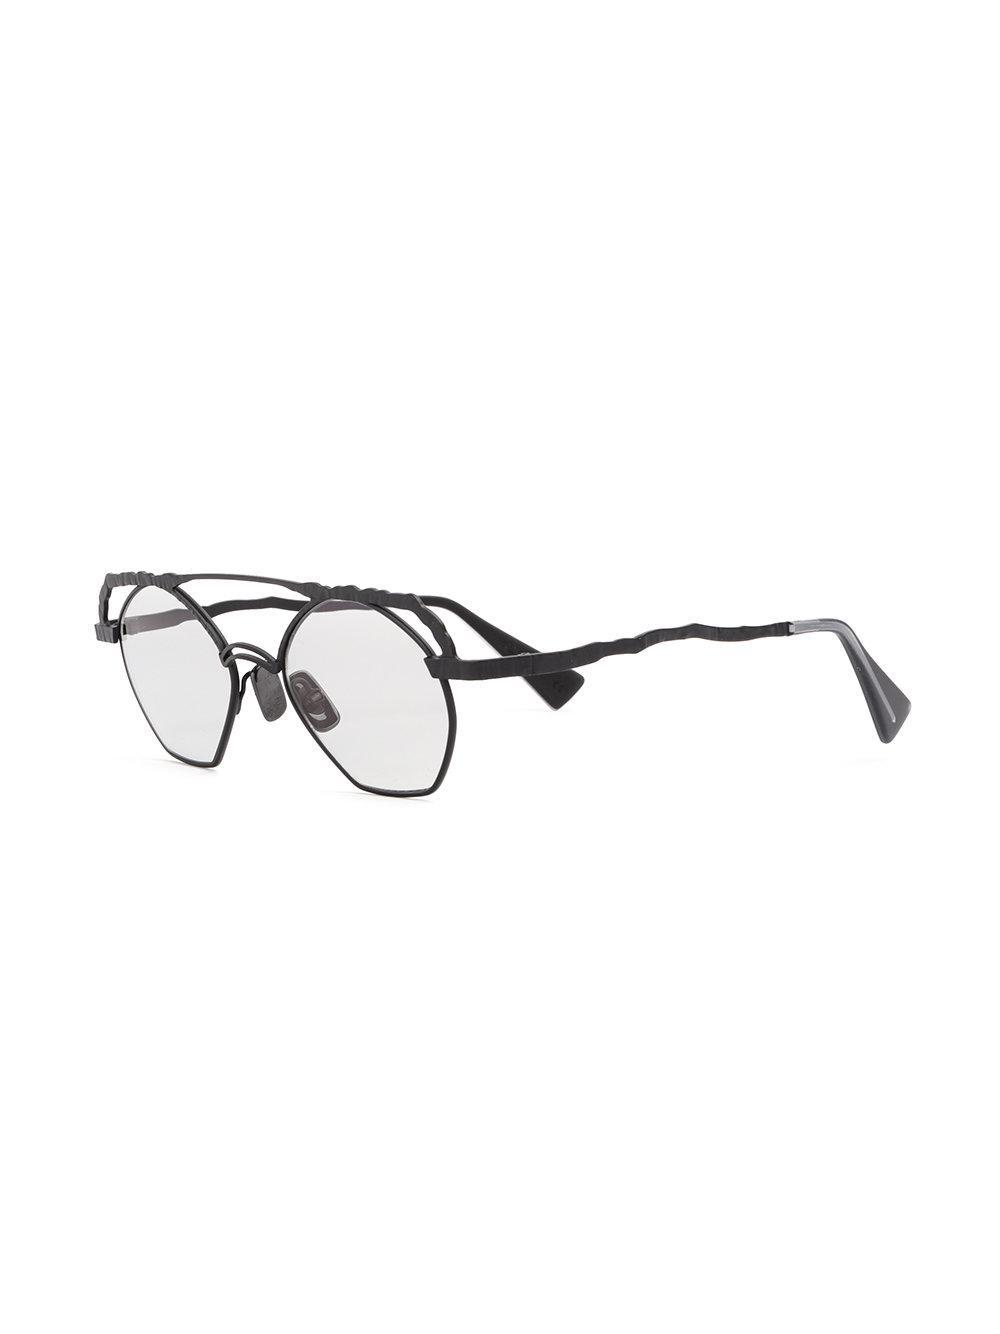 Kuboraum Aviator Sunglasses in Black